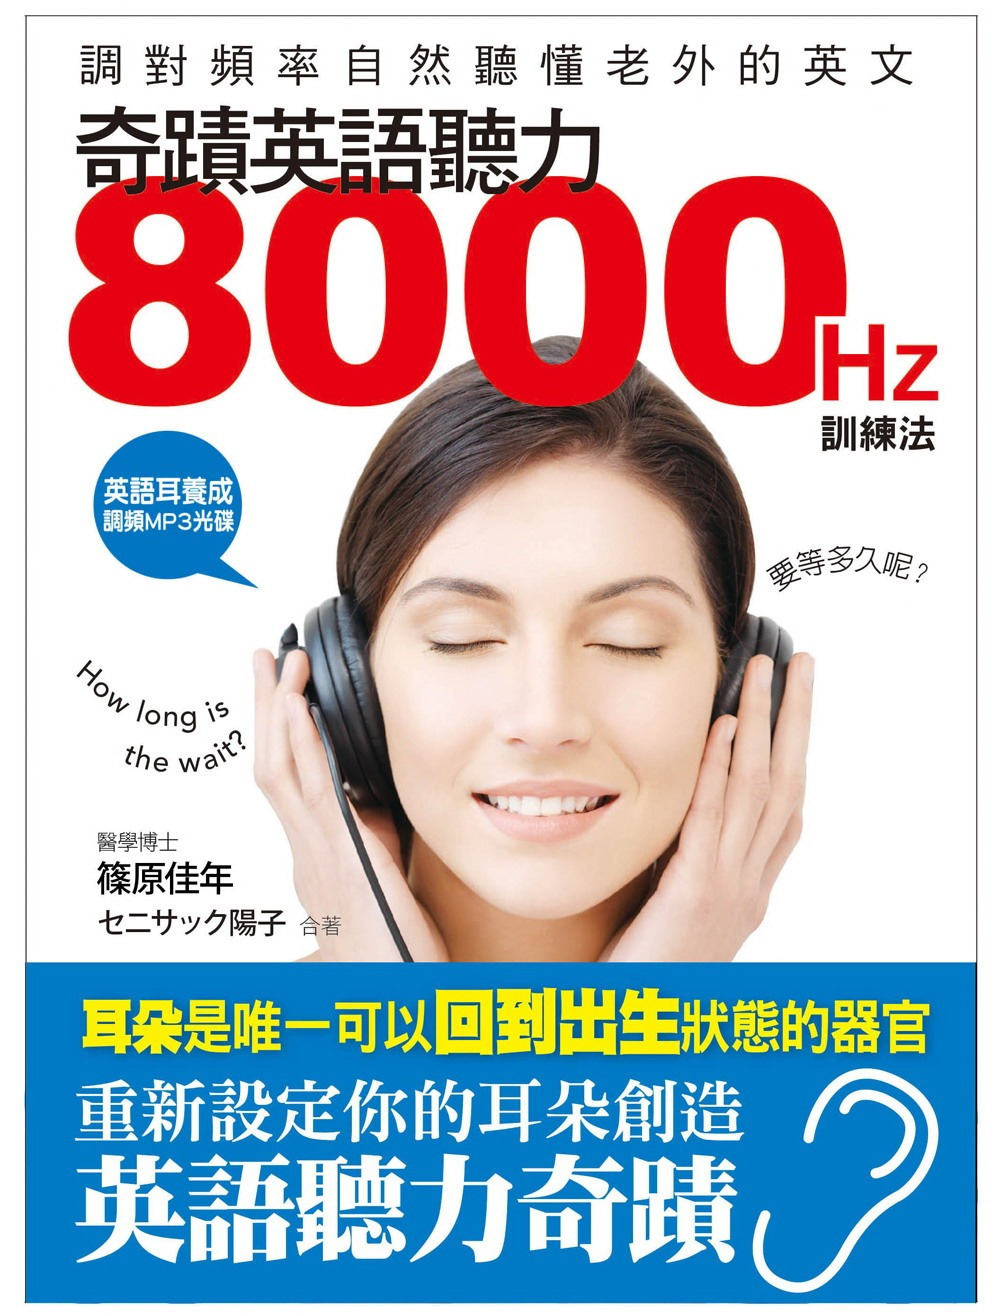 奇蹟英語聽力8000HZ訓練法:調對頻率,自然聽懂老外的英文 附英語耳養成 調頻MP3光碟